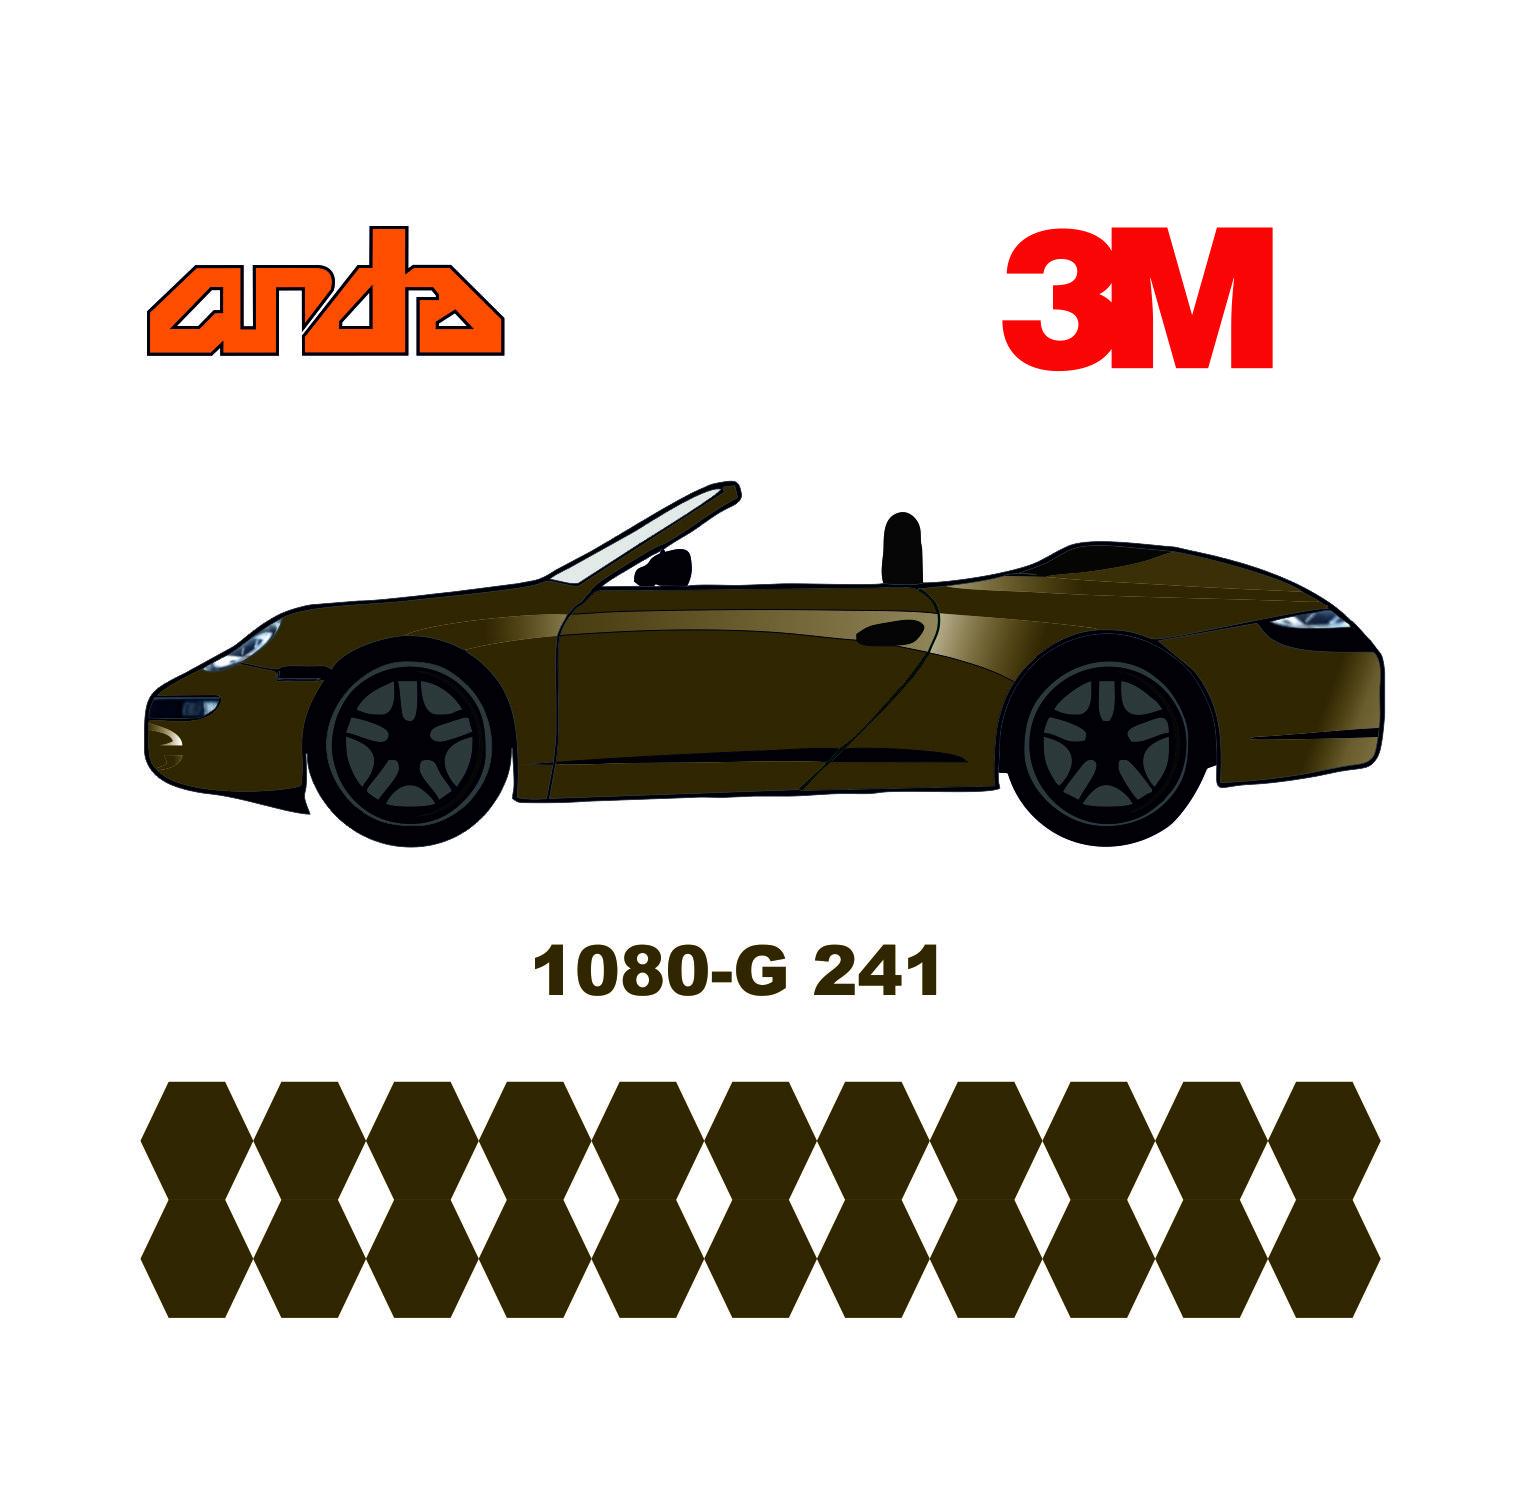 3M 1080-G241 Parlak Metalik Altın 1